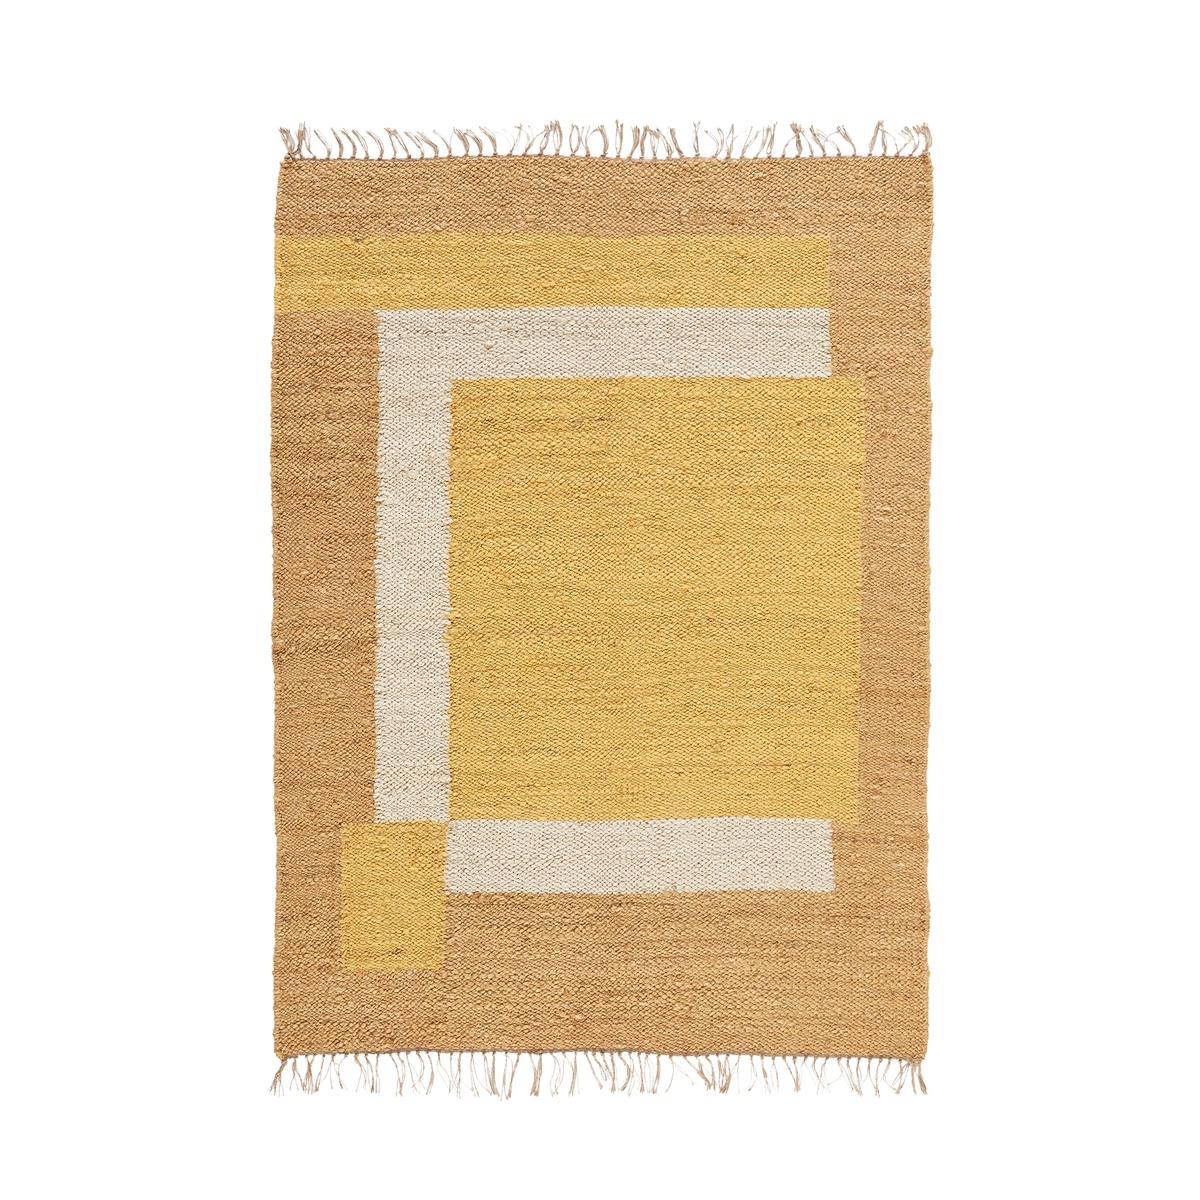 Ковер La Redoute Из джута Aftas 120 x 170 см желтый